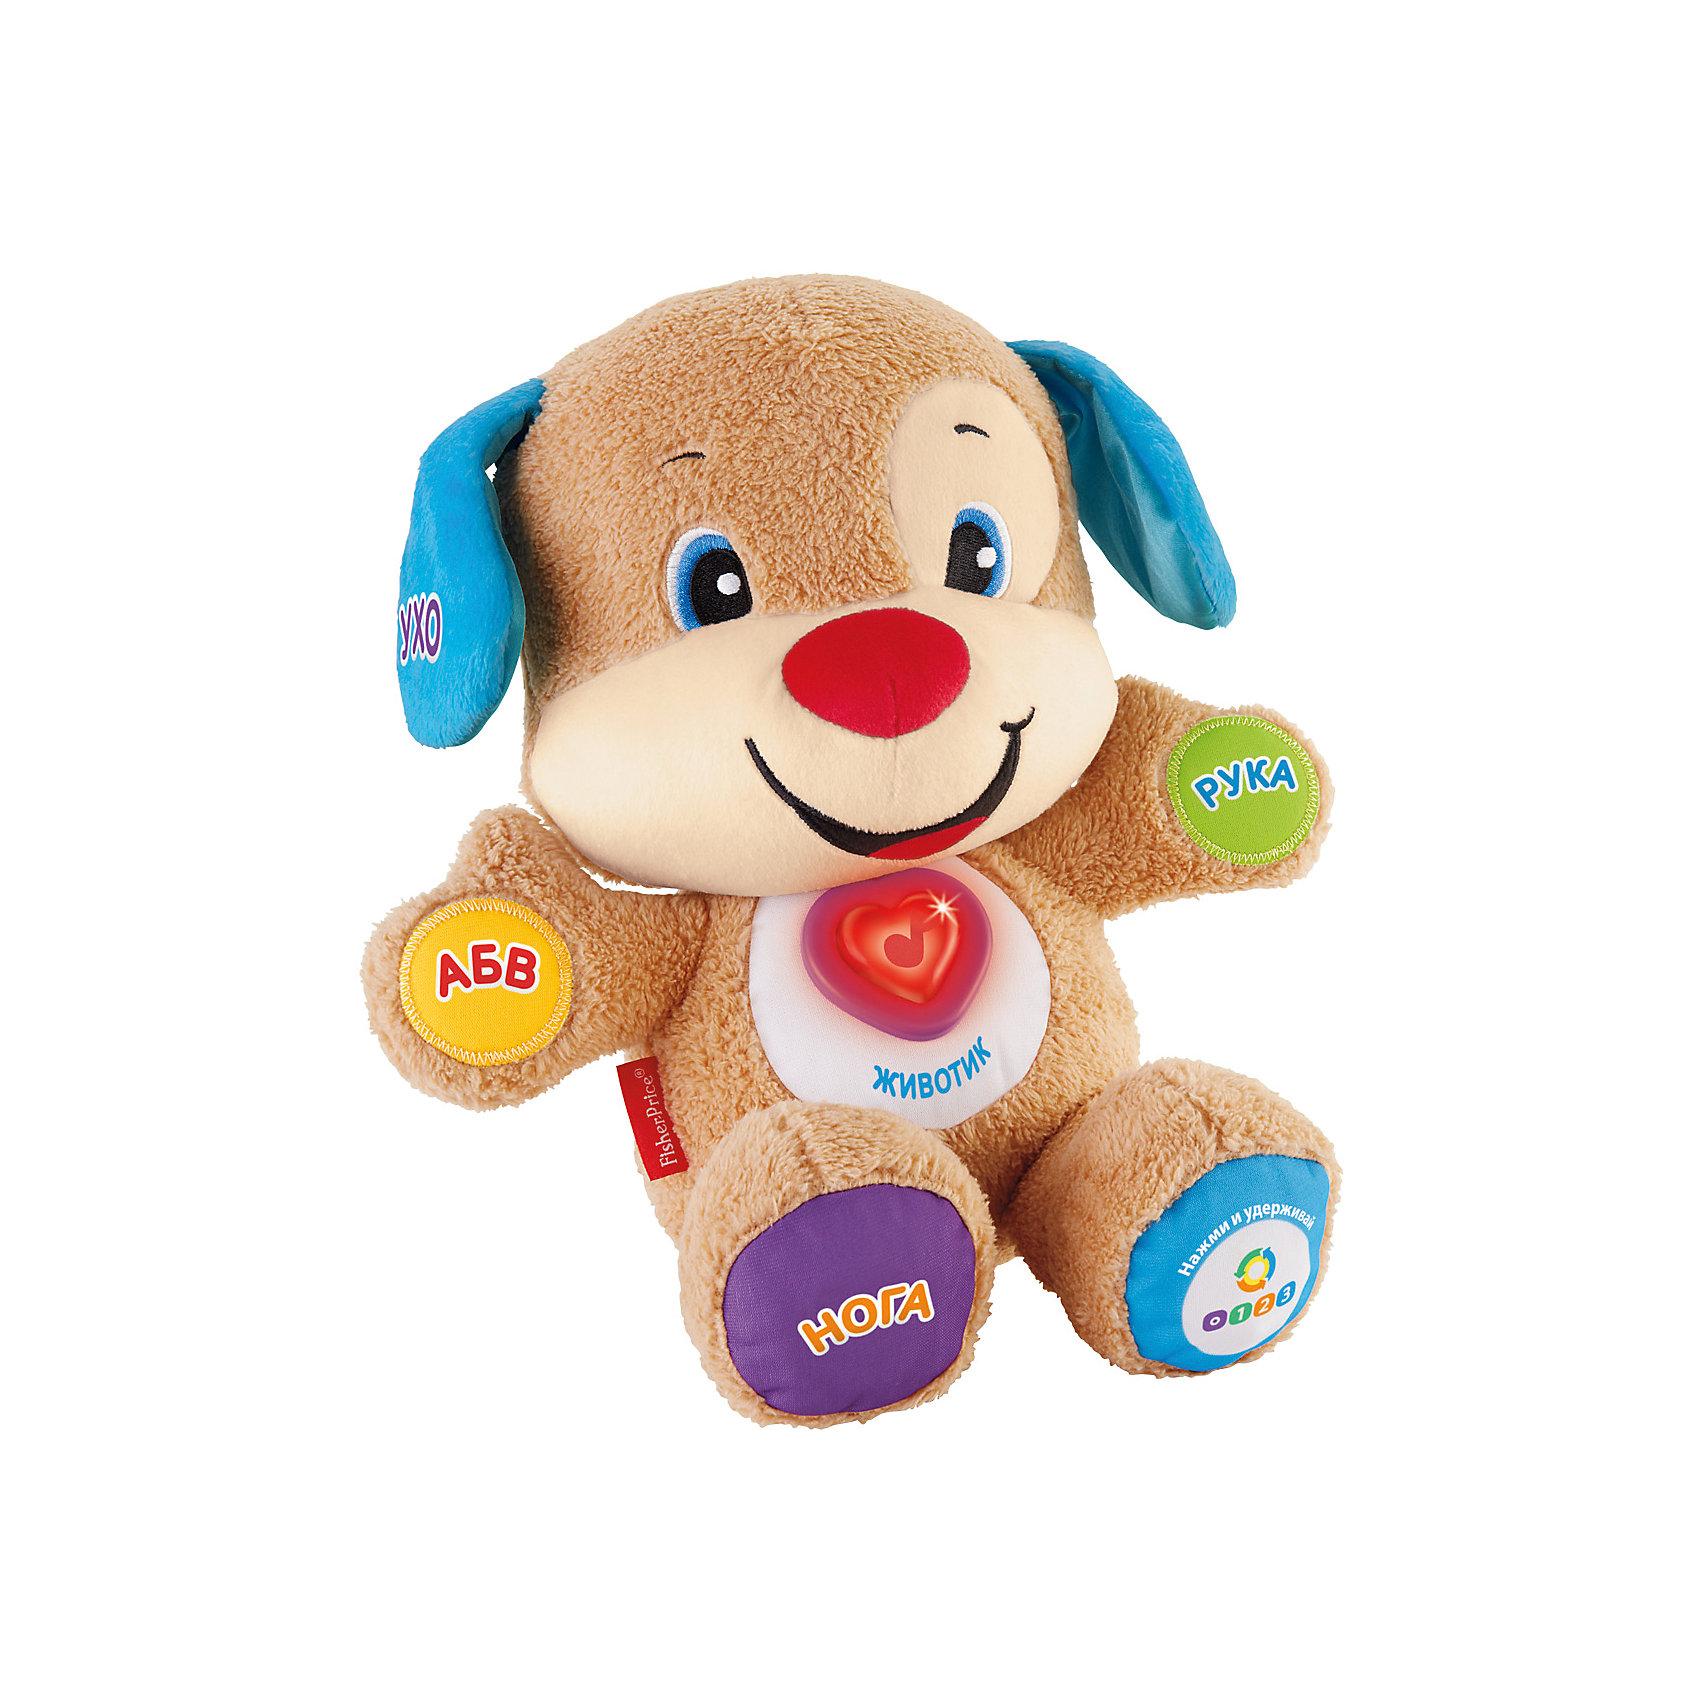 Ученый щенок с технологией Smart Stages, Fisher-priceМилый, приятный на ощупь щенок станет другом вашему малышу. Вместе с ним кроха познакомится с буквами и цветами, узнает как называются части тела, и просто замечательно проведет время!  В обучающем режиме, нажимая на шесть точек на плюшевом щенке, малыш познакомится с алфавитом, частями тела и цветами с помощью смешных фраз и веселых песен. Переключитесь в игровой режим, и игрушка начнет произносить забавные фразы и петь песенки, а малыш может активно подпевать! В обучающем режиме предусмотрены четыре песенки: песенка про алфавит, песенка о цветах, песенка о цифрах и о частях тела. В игровом режиме доступны шесть дополнительных песенок, поощряющих активность вашего малыша. Игрушка выполнена из гипоаллергенных материалов безопасных для детей. <br><br><br>Дополнительная информация:<br><br>- Материал: мех, текстиль. <br>- Размер игрушки: 27 см.<br>- Элемент питания: 3 АА батарейки ( в комплекте- демонстрационные). <br>- 10 песенок. <br><br>Ученого щенка с технологией Smart Stages,  Fisher-price (Фишер-прайс), можно купить в нашем магазине.<br><br>Ширина мм: 280<br>Глубина мм: 150<br>Высота мм: 330<br>Вес г: 900<br>Возраст от месяцев: 0<br>Возраст до месяцев: 36<br>Пол: Унисекс<br>Возраст: Детский<br>SKU: 4053373